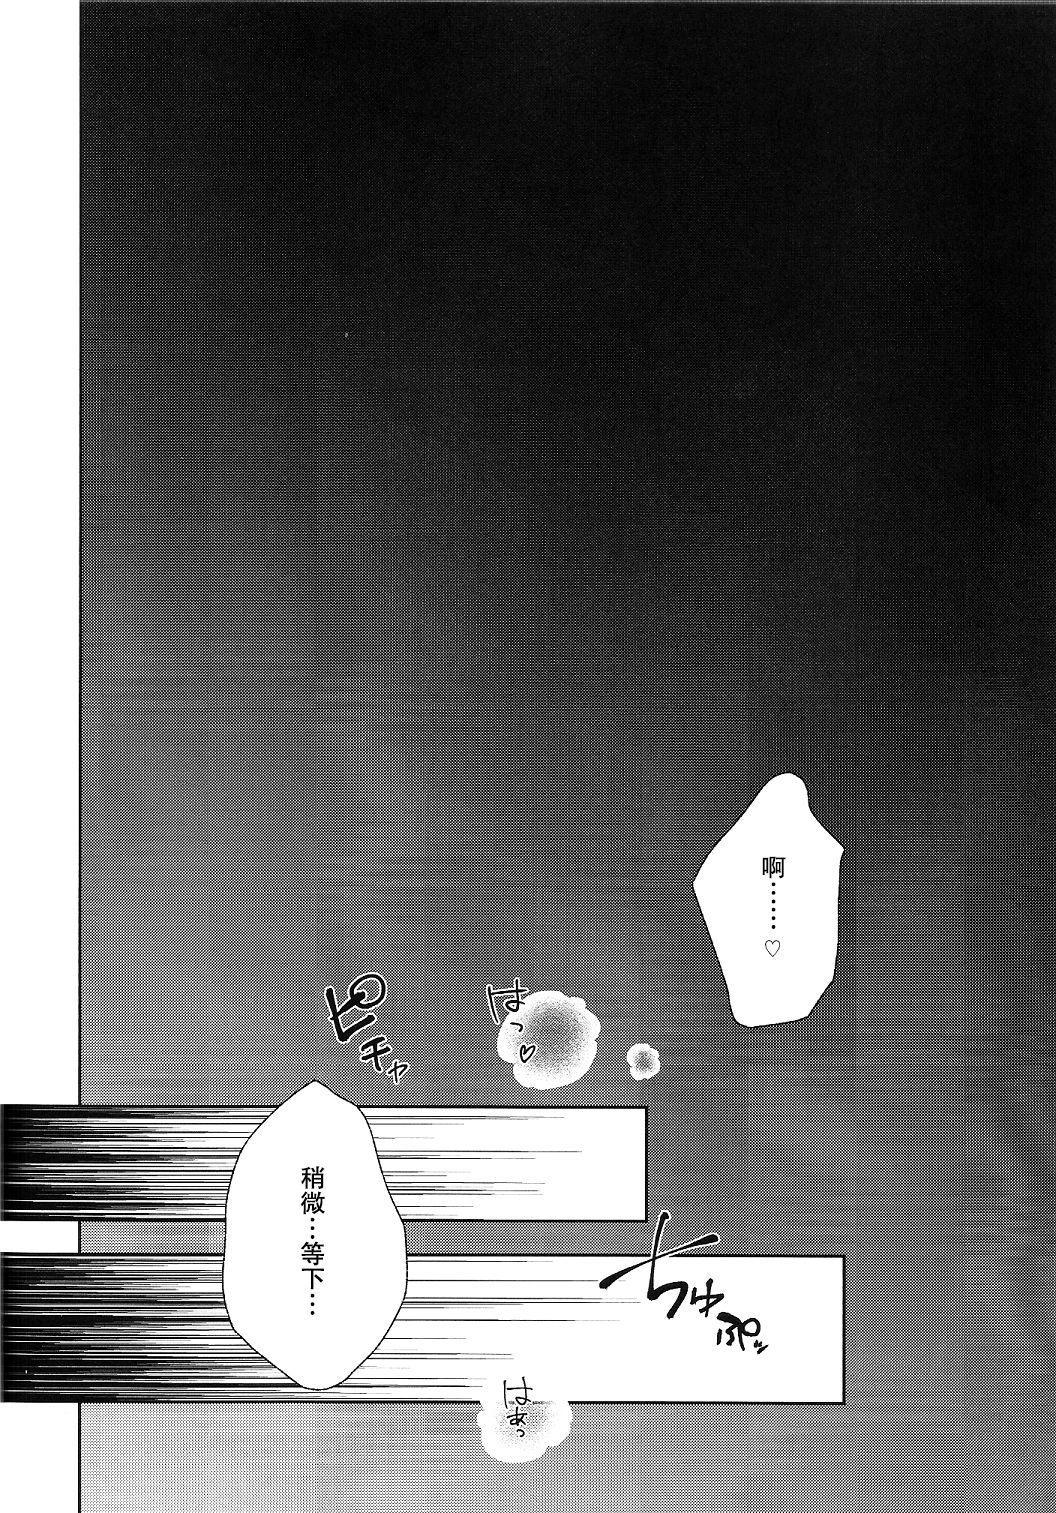 Yoru wa Mijikashi Koiseyo Shounen 18